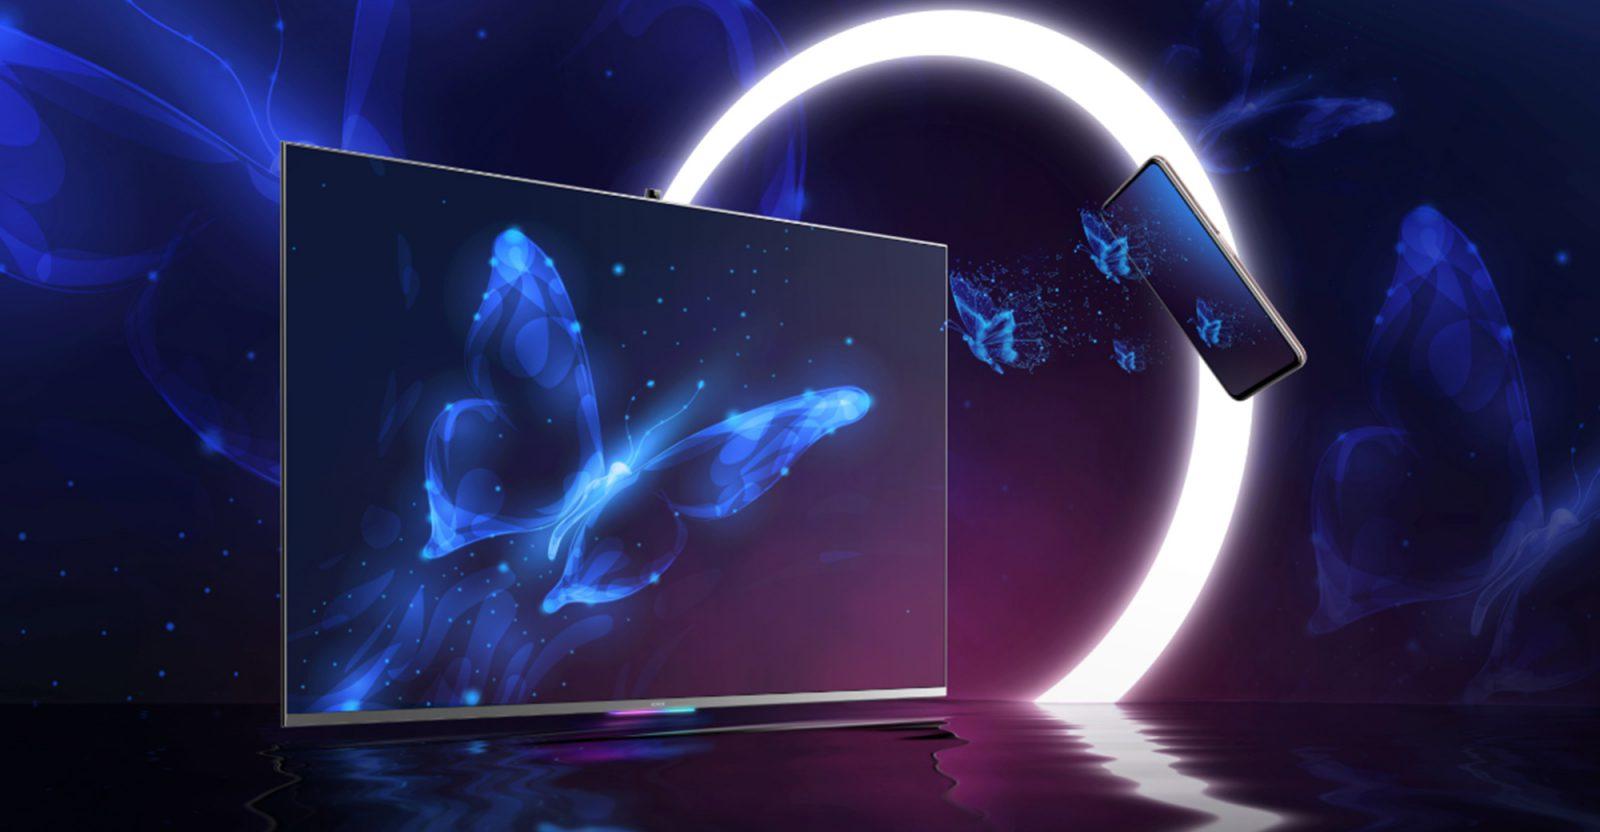 تلویزیون هوشمند آنر ویژن - Honor Vision TV